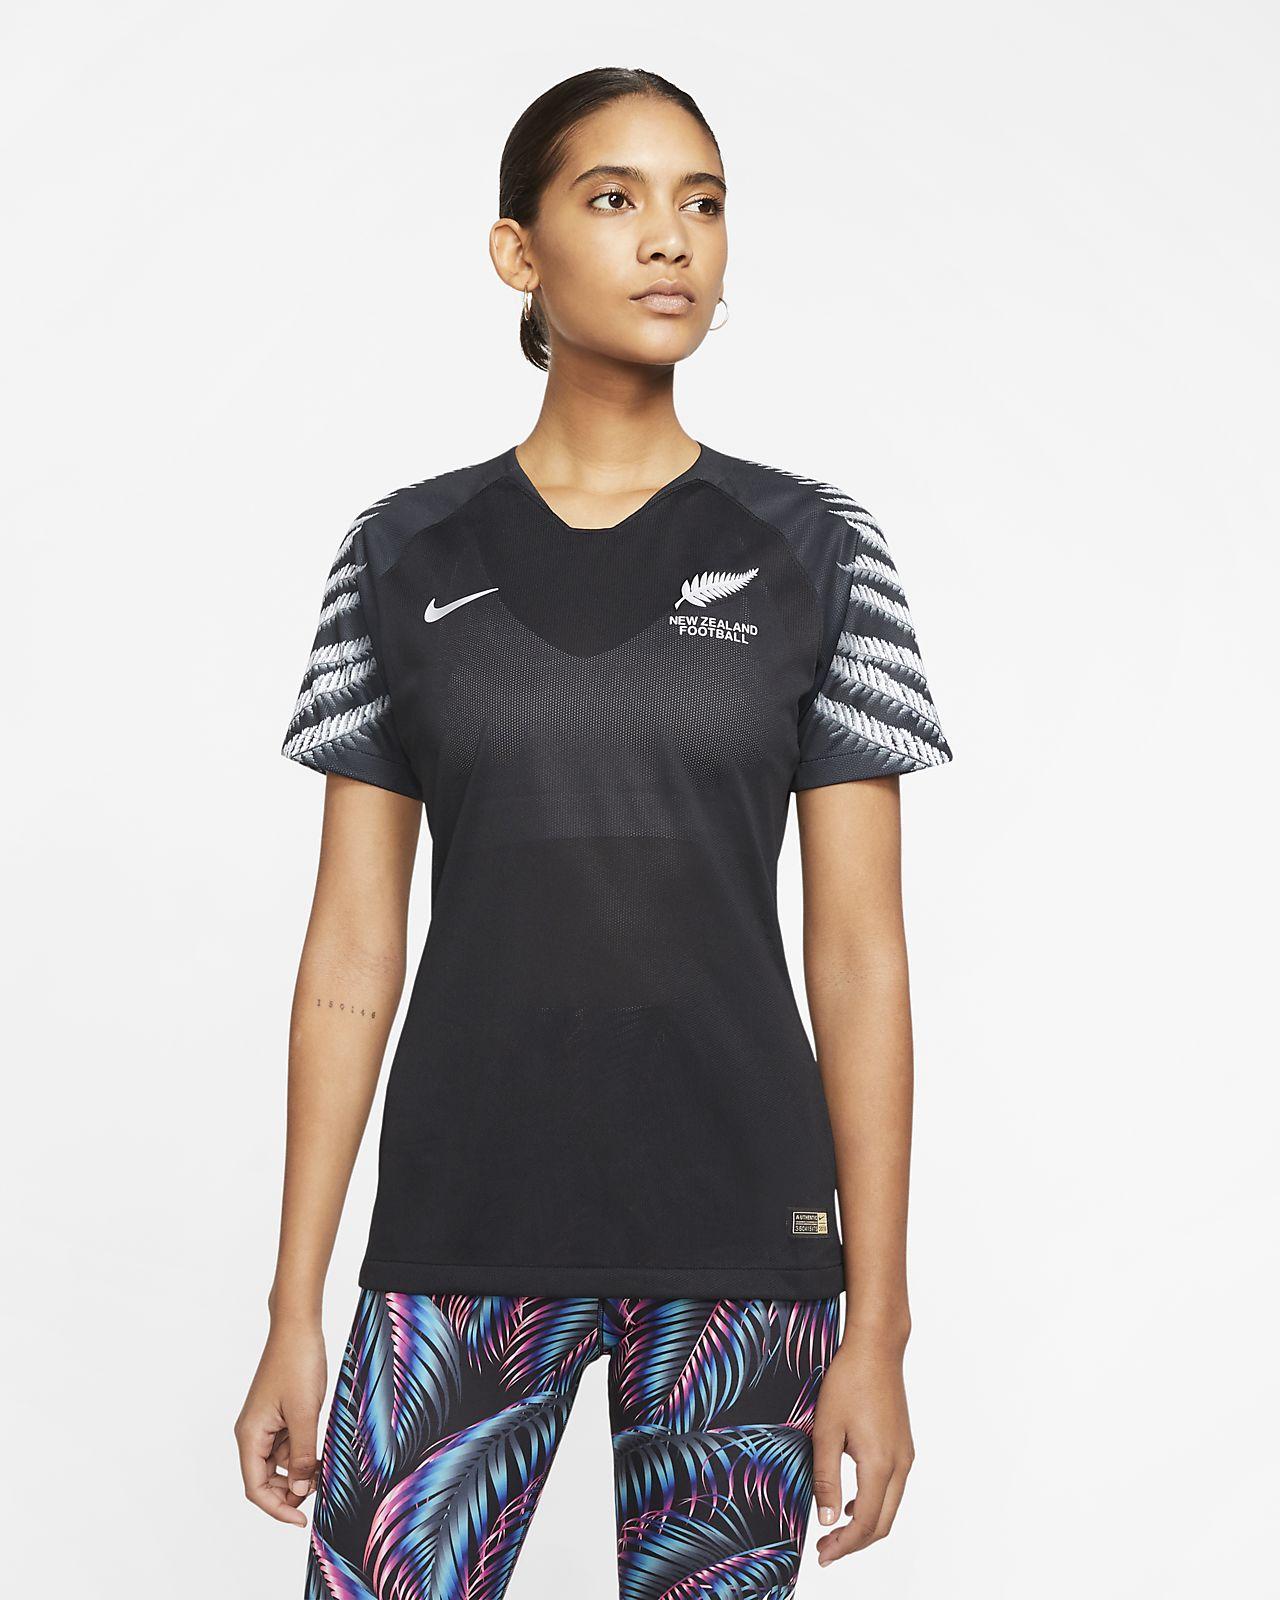 Neuseeland 2019 Away Damen-Fußballtrikot